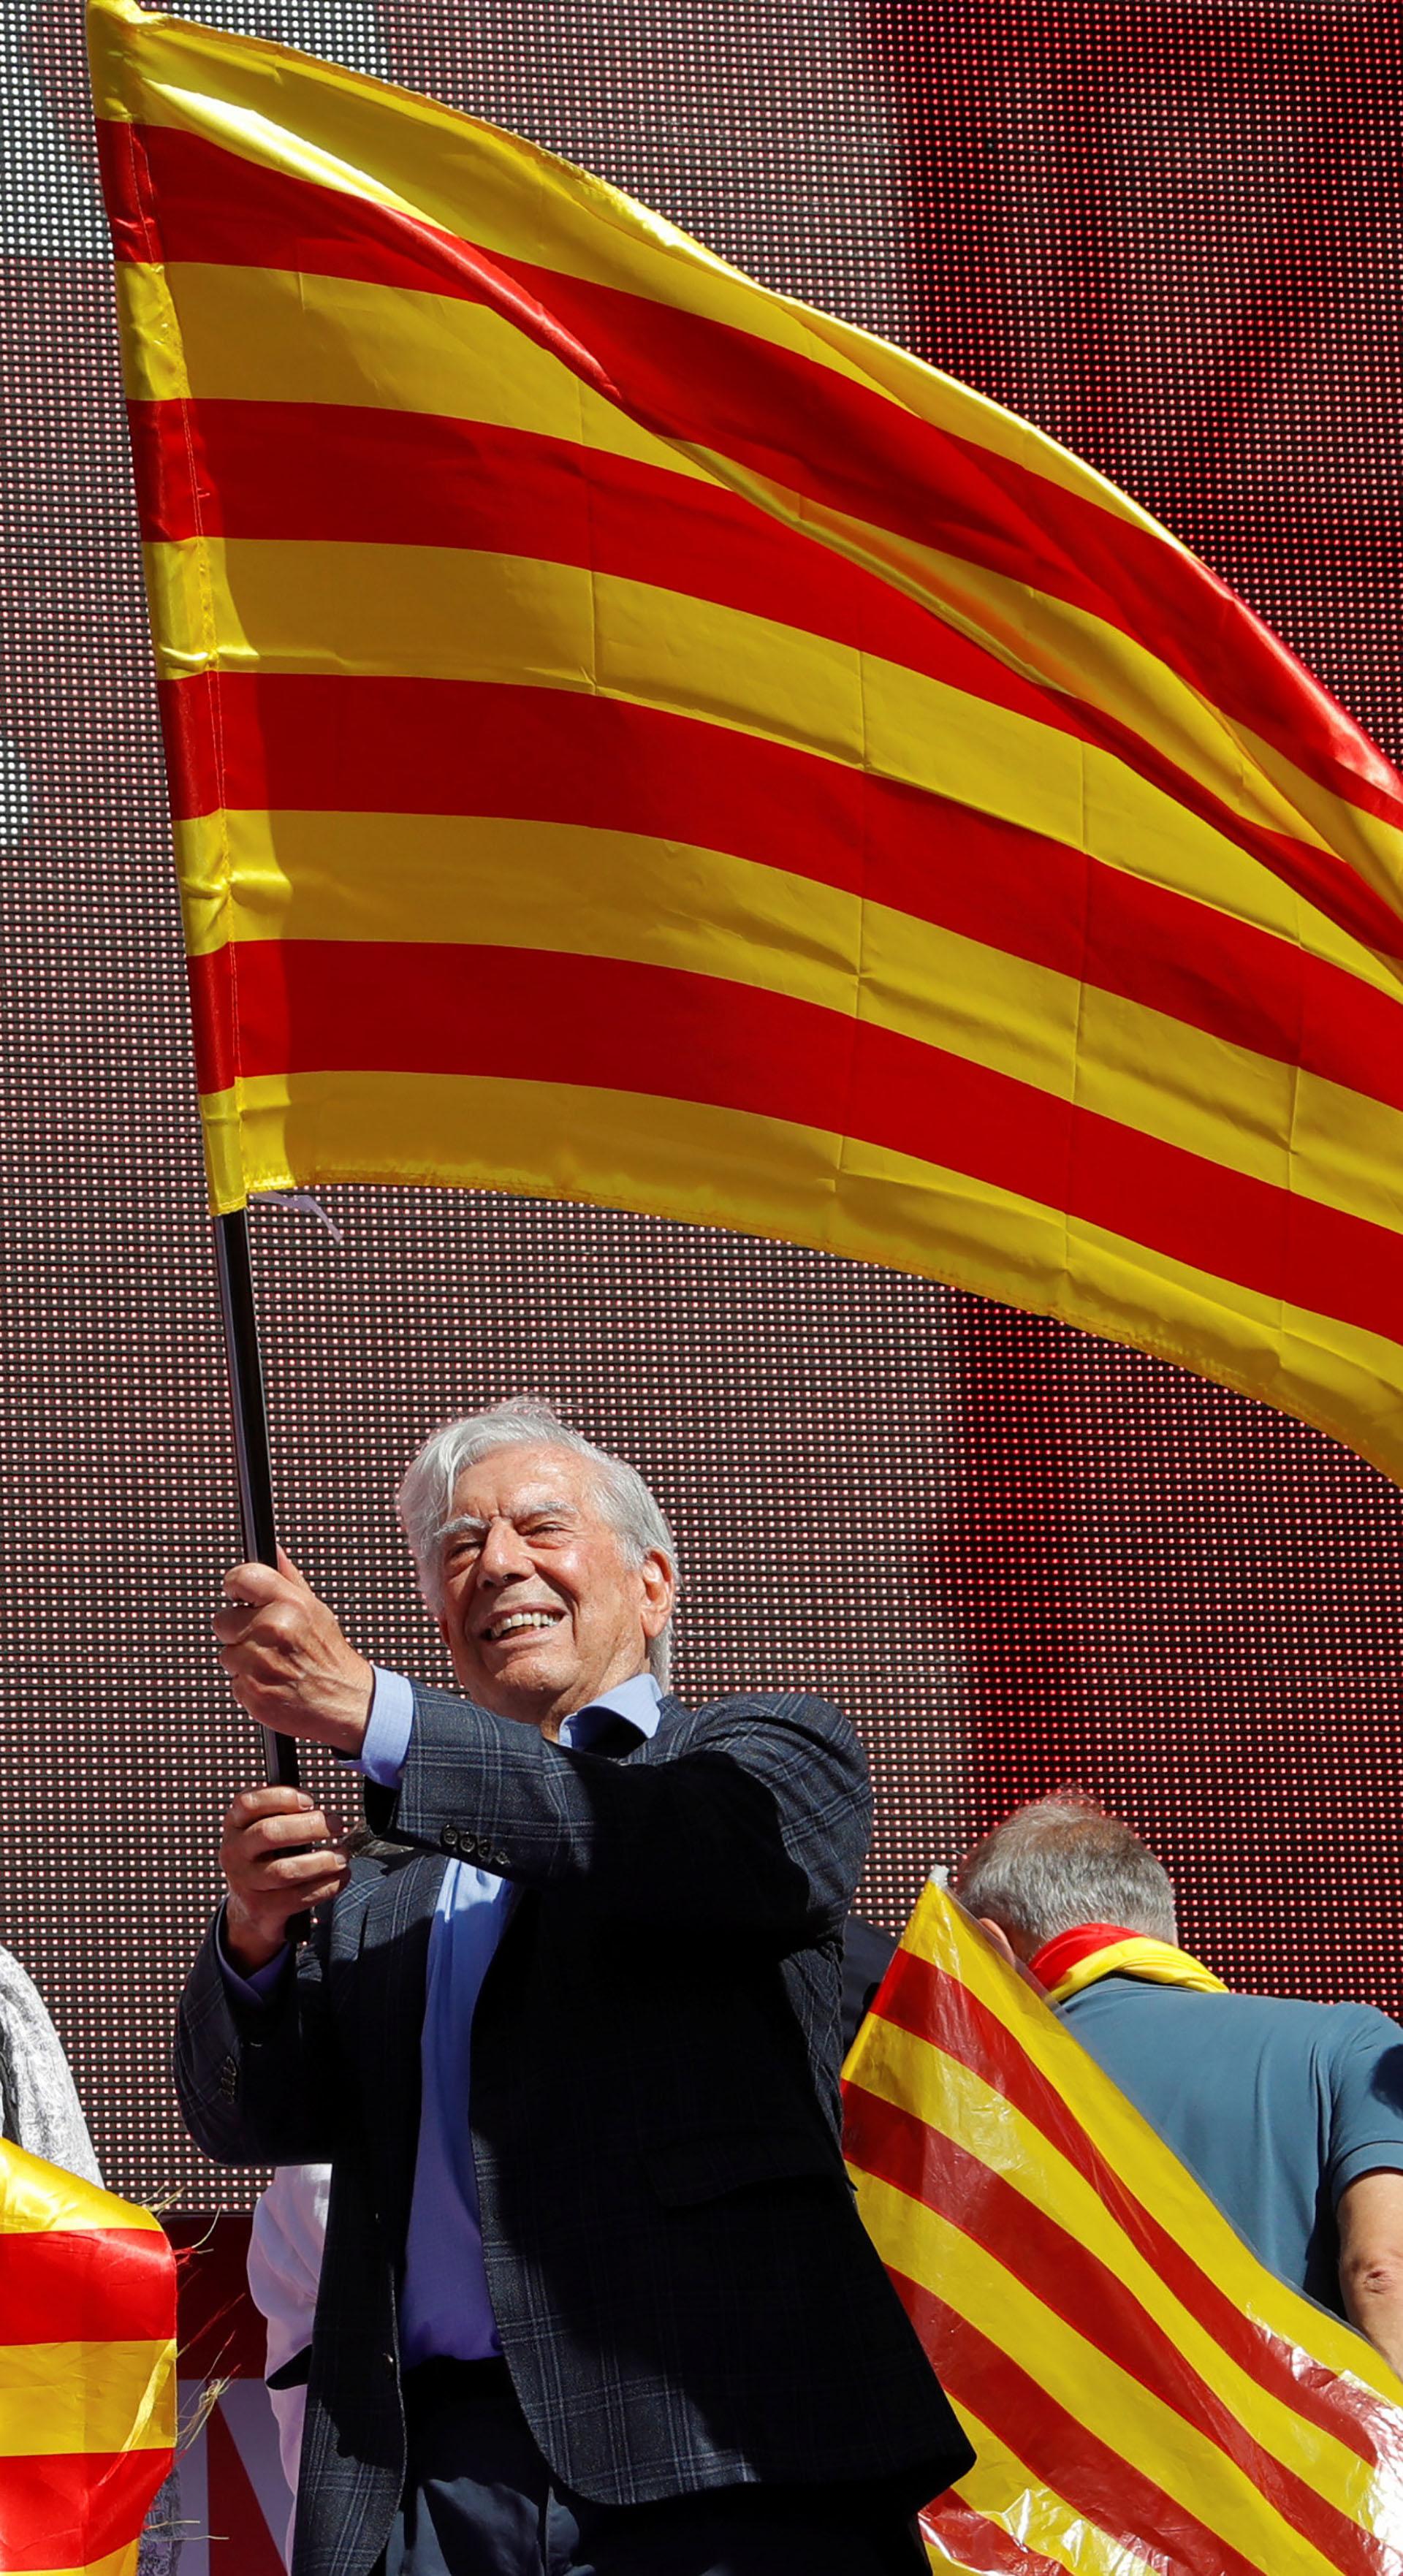 El escritor peruano Mario Vargas Llosa y el expresidente del Parlamento Europeo Josep Borrell pronunciaron discursos delante de la protesta